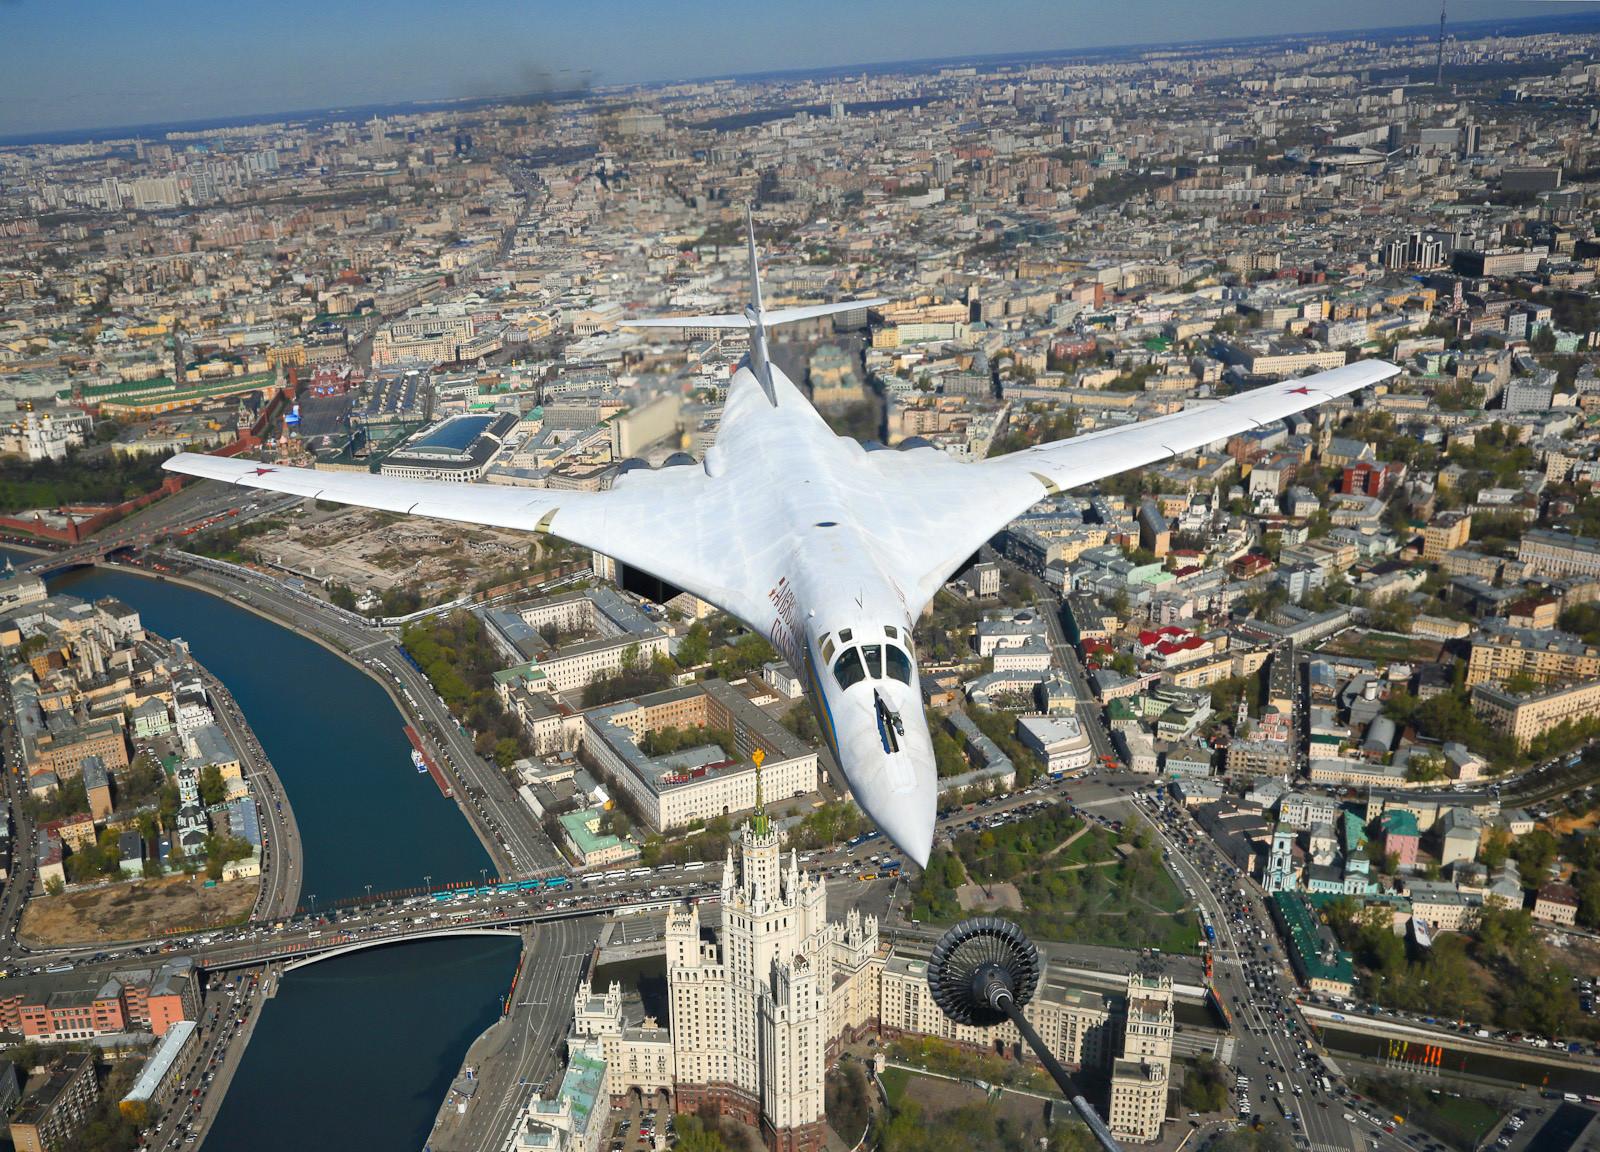 Ein strategischer Bomber Tupolew Tu-160 im Himmel über Moskau